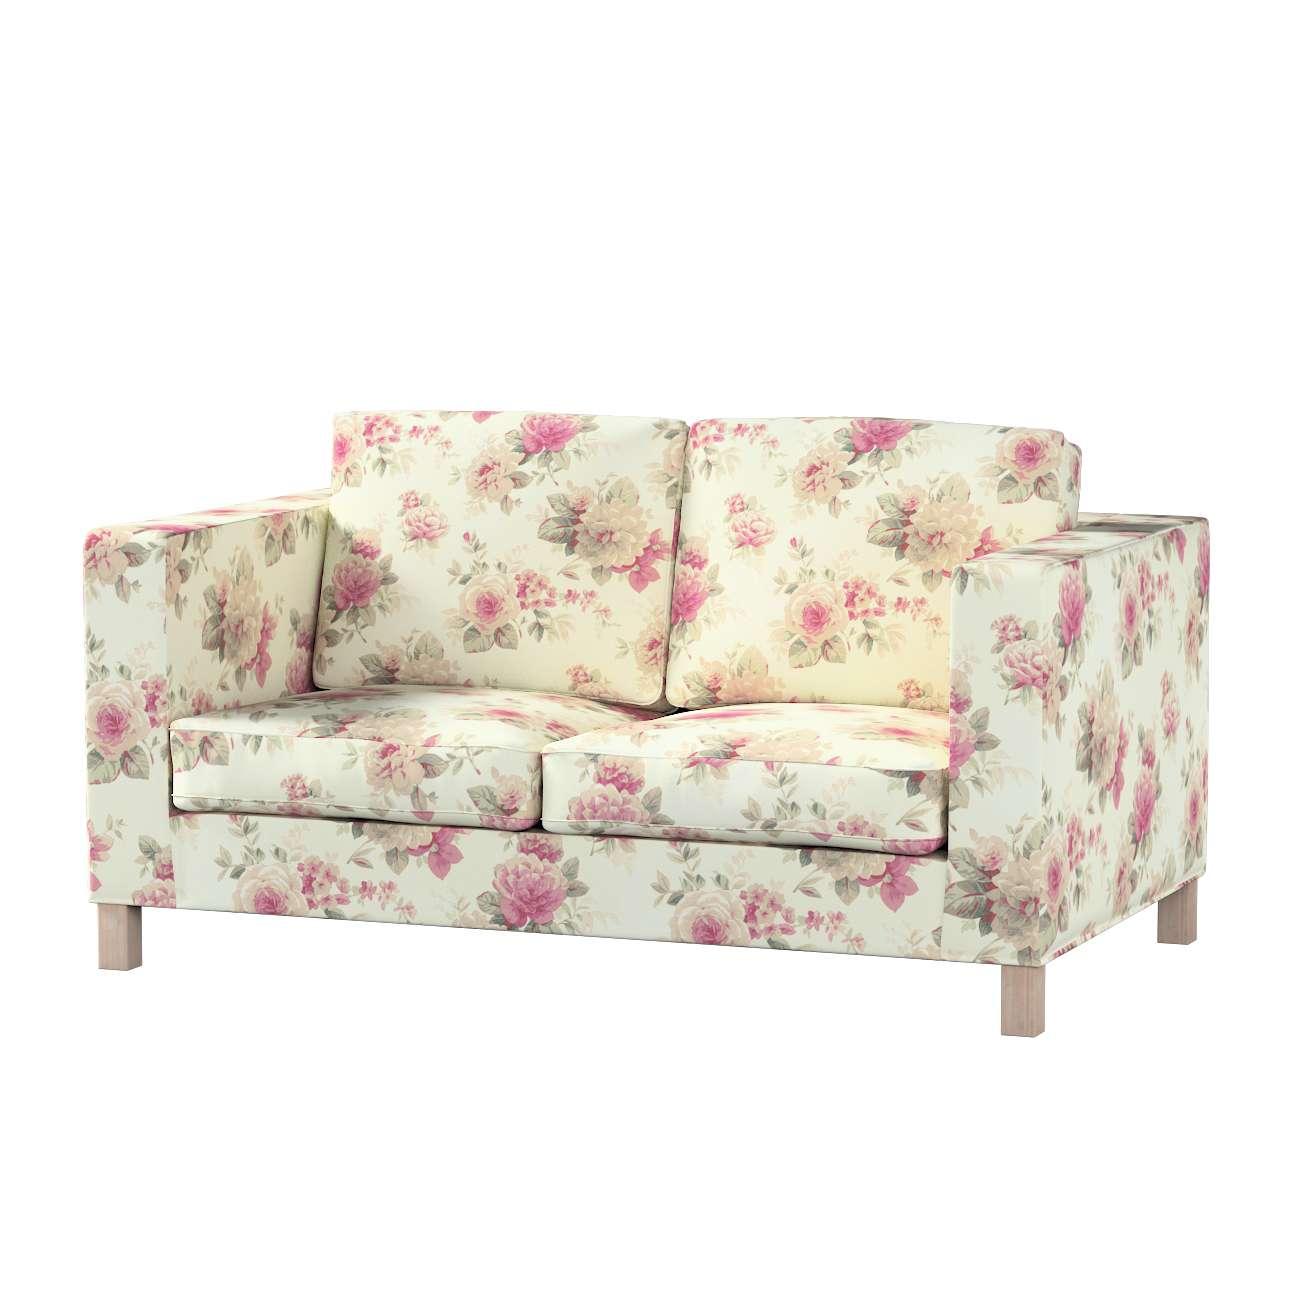 Karlanda 2-Sitzer Sofabezug nicht ausklappbar kurz Karlanda 2-Sitzer von der Kollektion Mirella, Stoff: 141-07